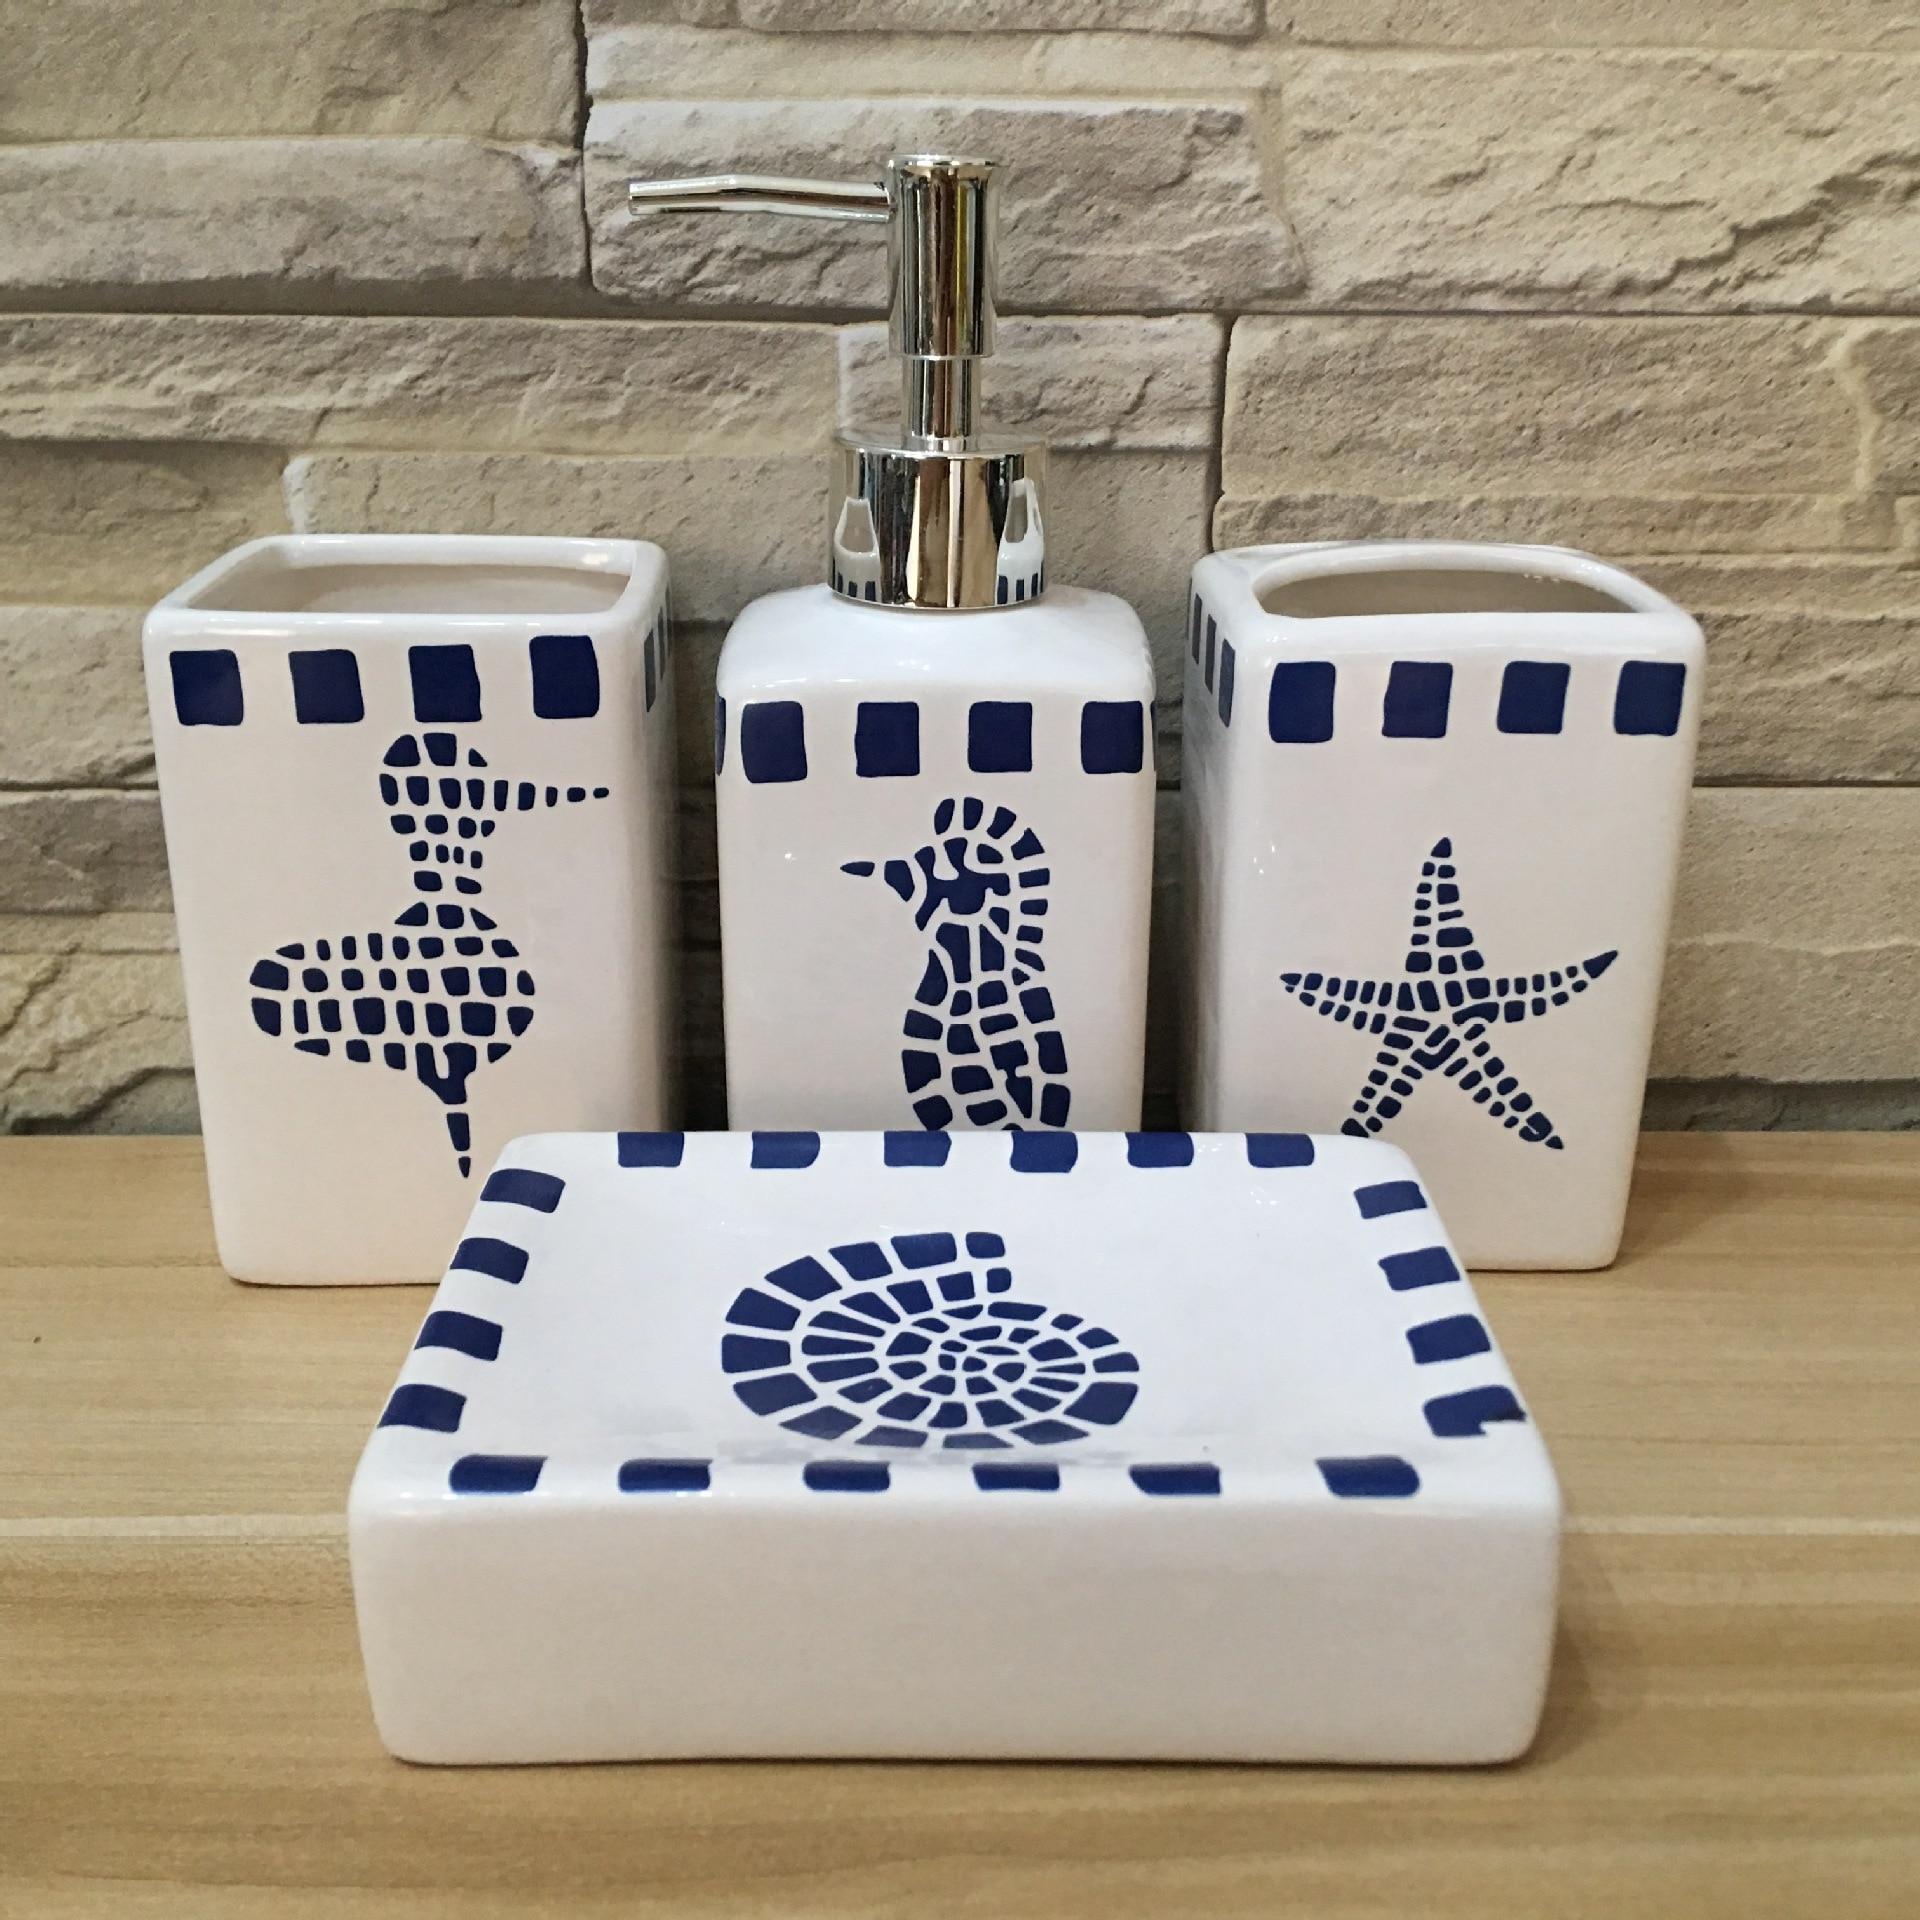 MINIFUN-ensemble d'accessoires de salle de bain | Distributeur de Lotion de savon liquide, porte-brosse à dents, gobelet, plat à savon blanc, 4 pièces